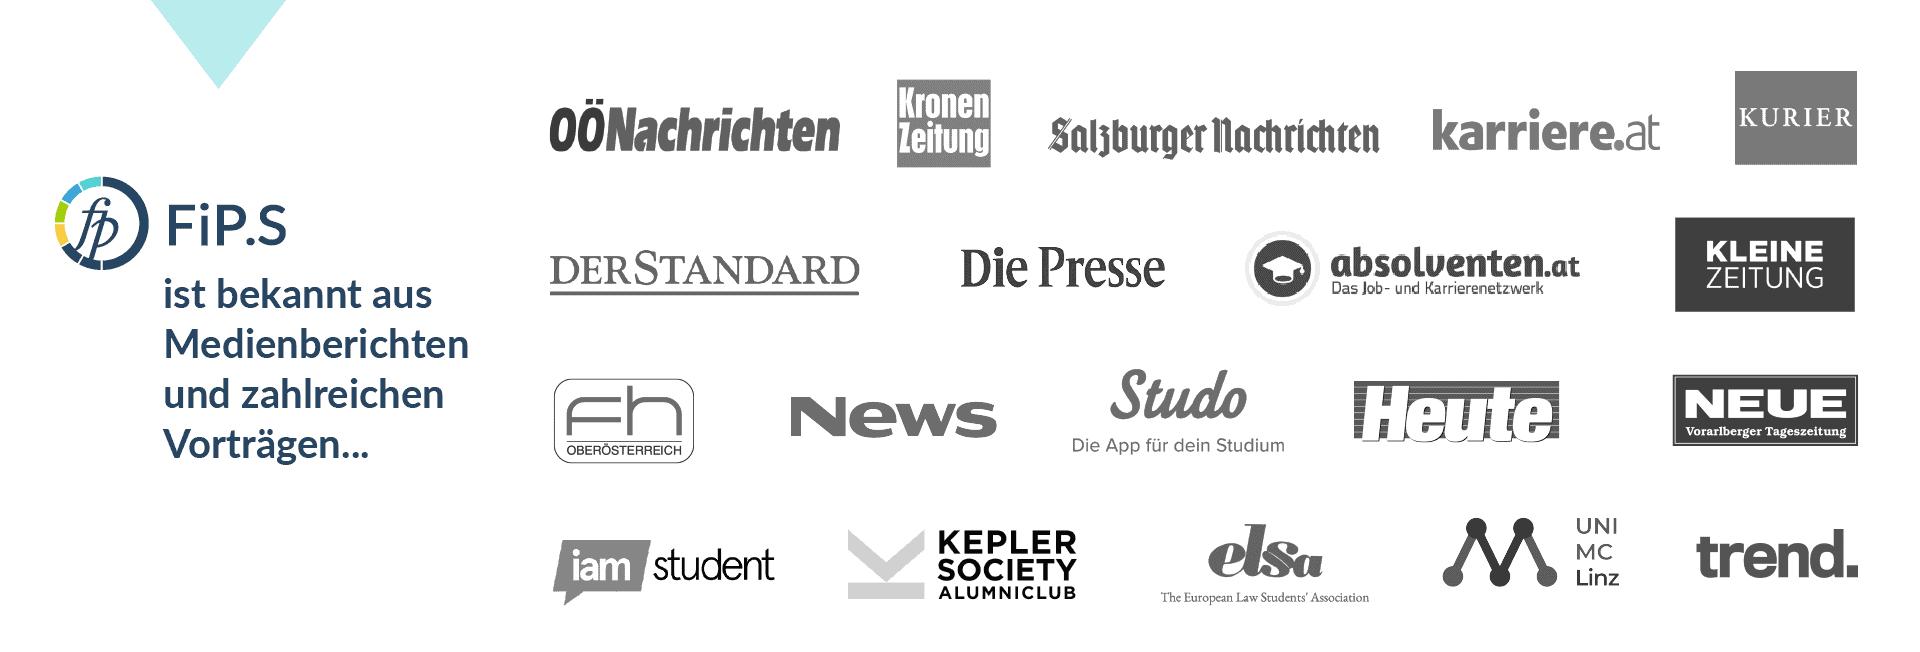 FiP.S Banner Zeitungen